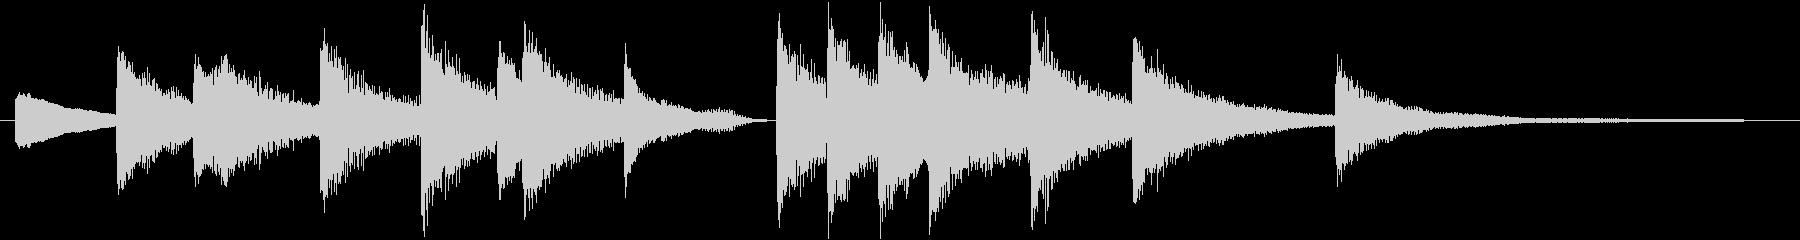 モミの木モチーフXmasピアノジングルAの未再生の波形